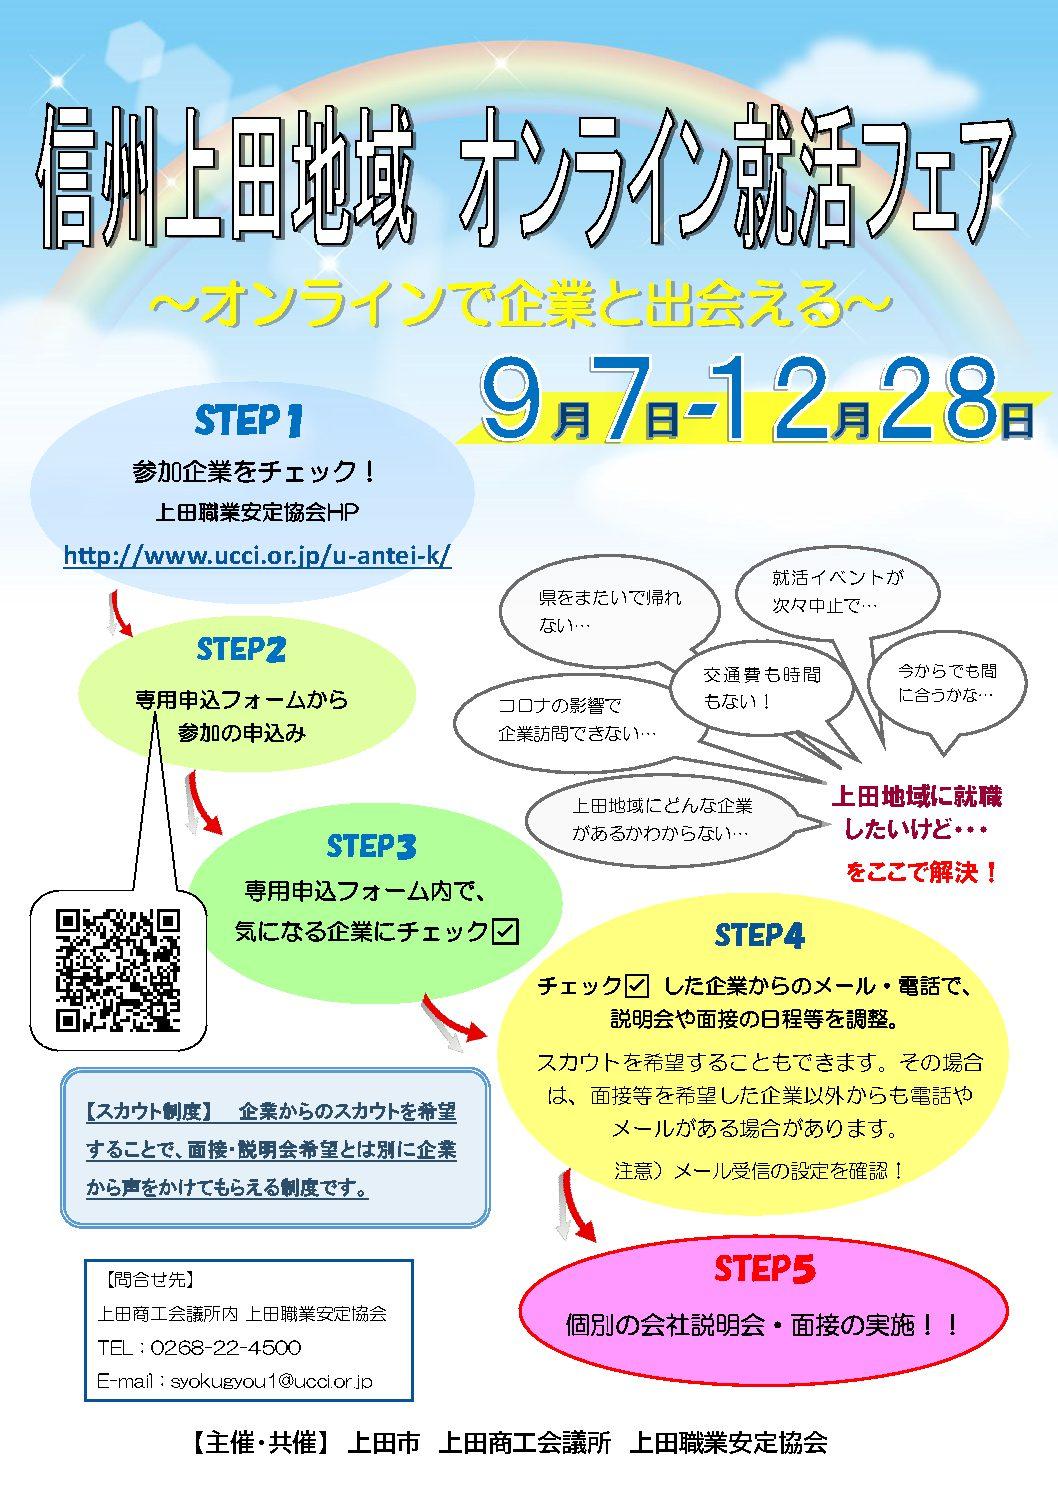 学生の就活支援!「信州上田地域オンライン就活フェア」